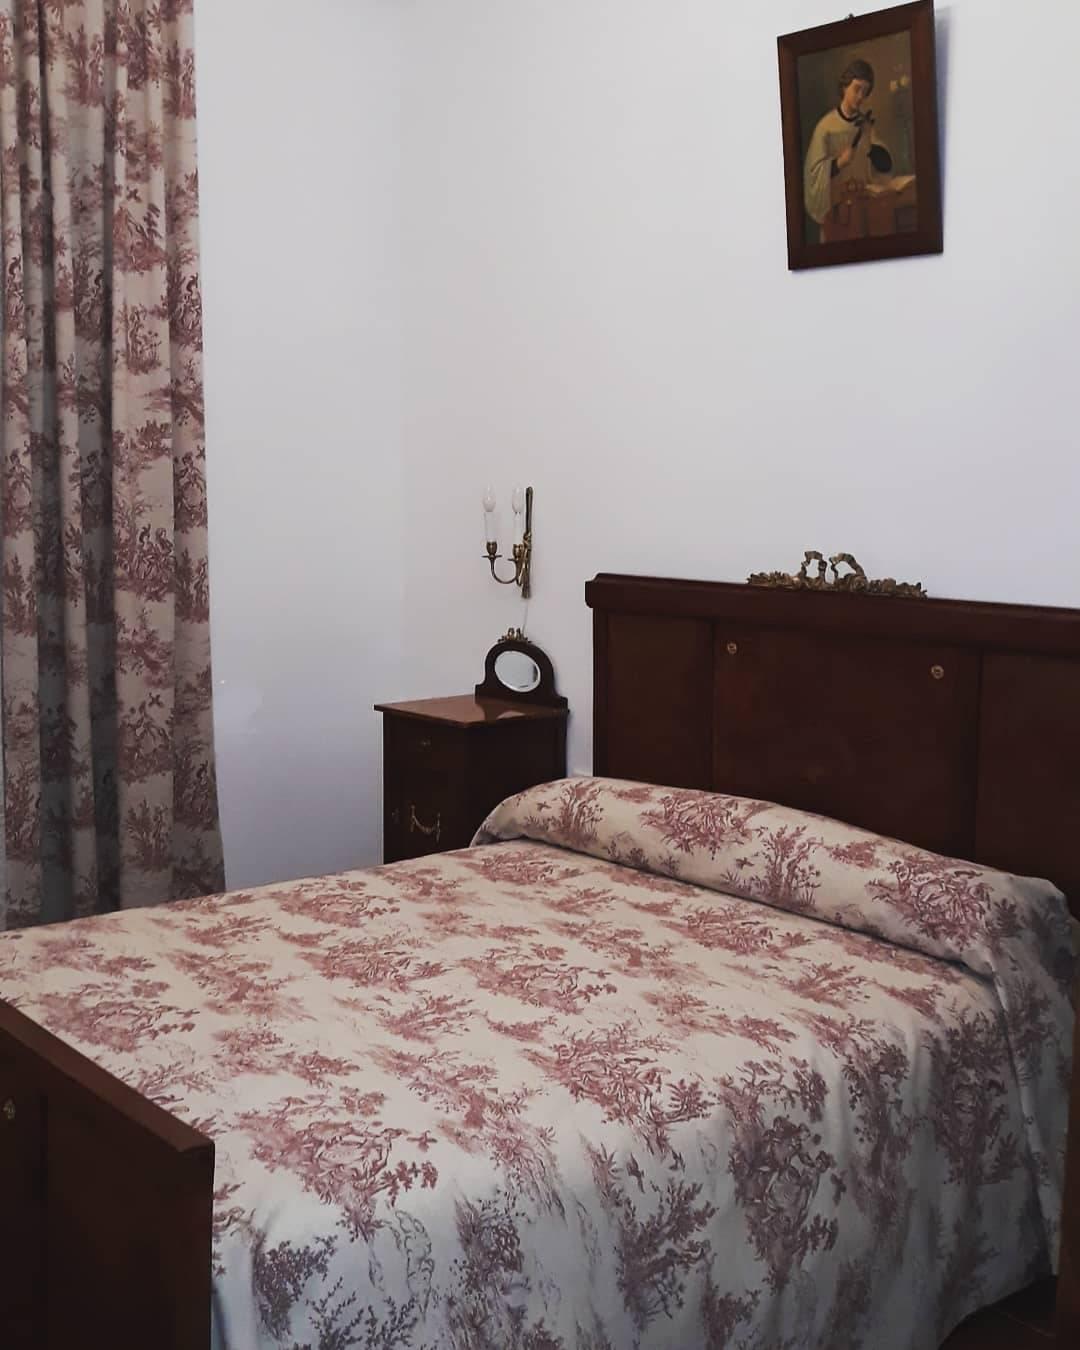 CASA RURAL EL CAPRICHO DE ANDREA. CASAS RURALES EN CIUDAD REAL  - Foto 1